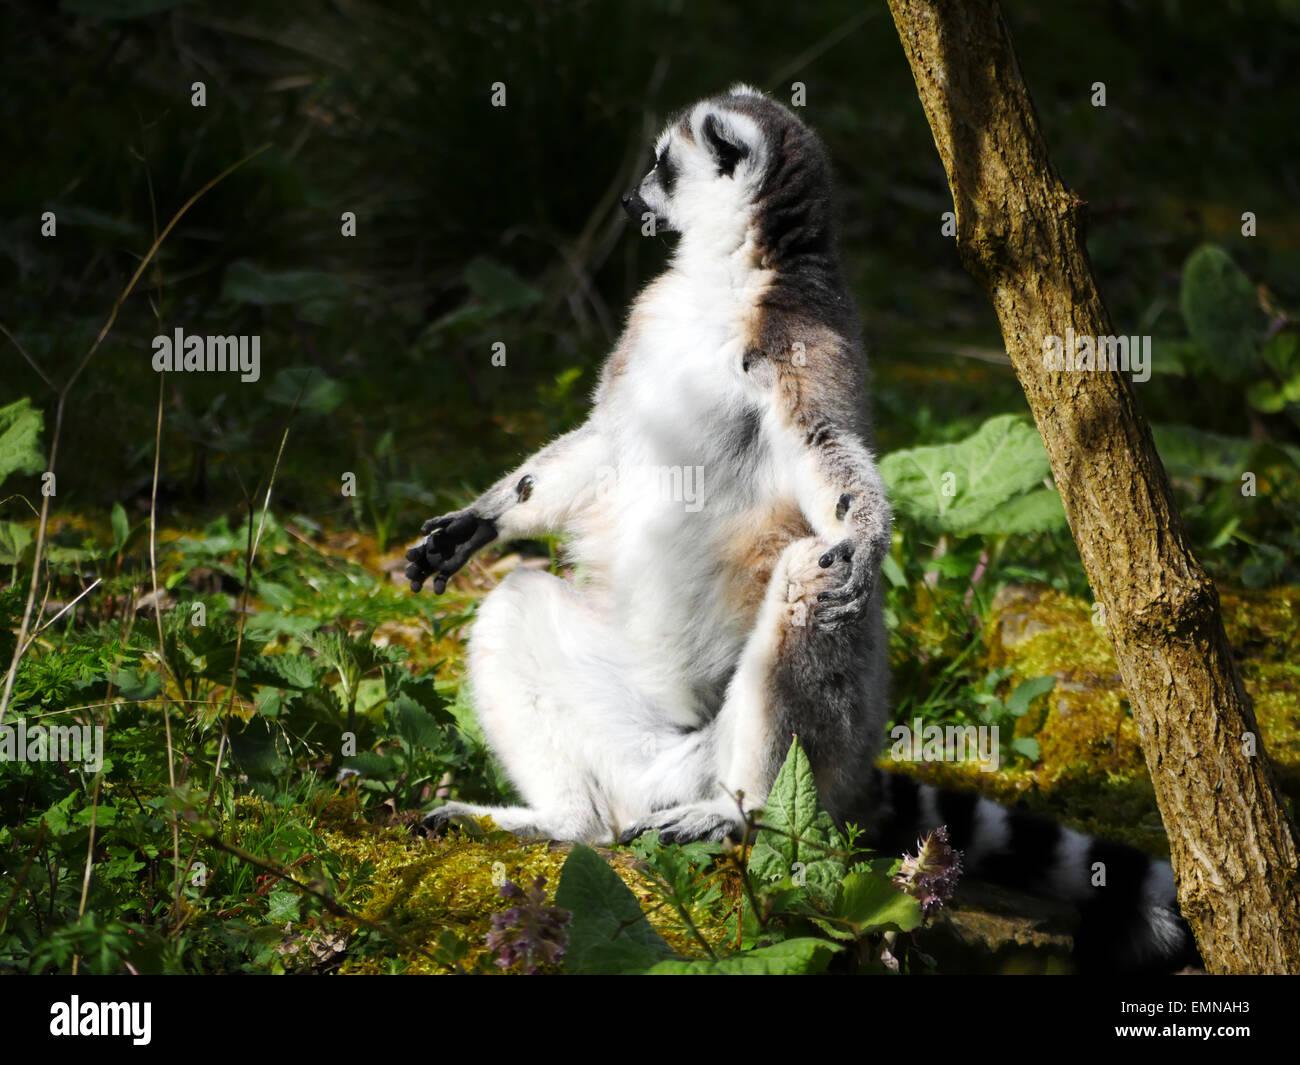 Bathing Ring Stock Photos & Bathing Ring Stock Images - Alamy